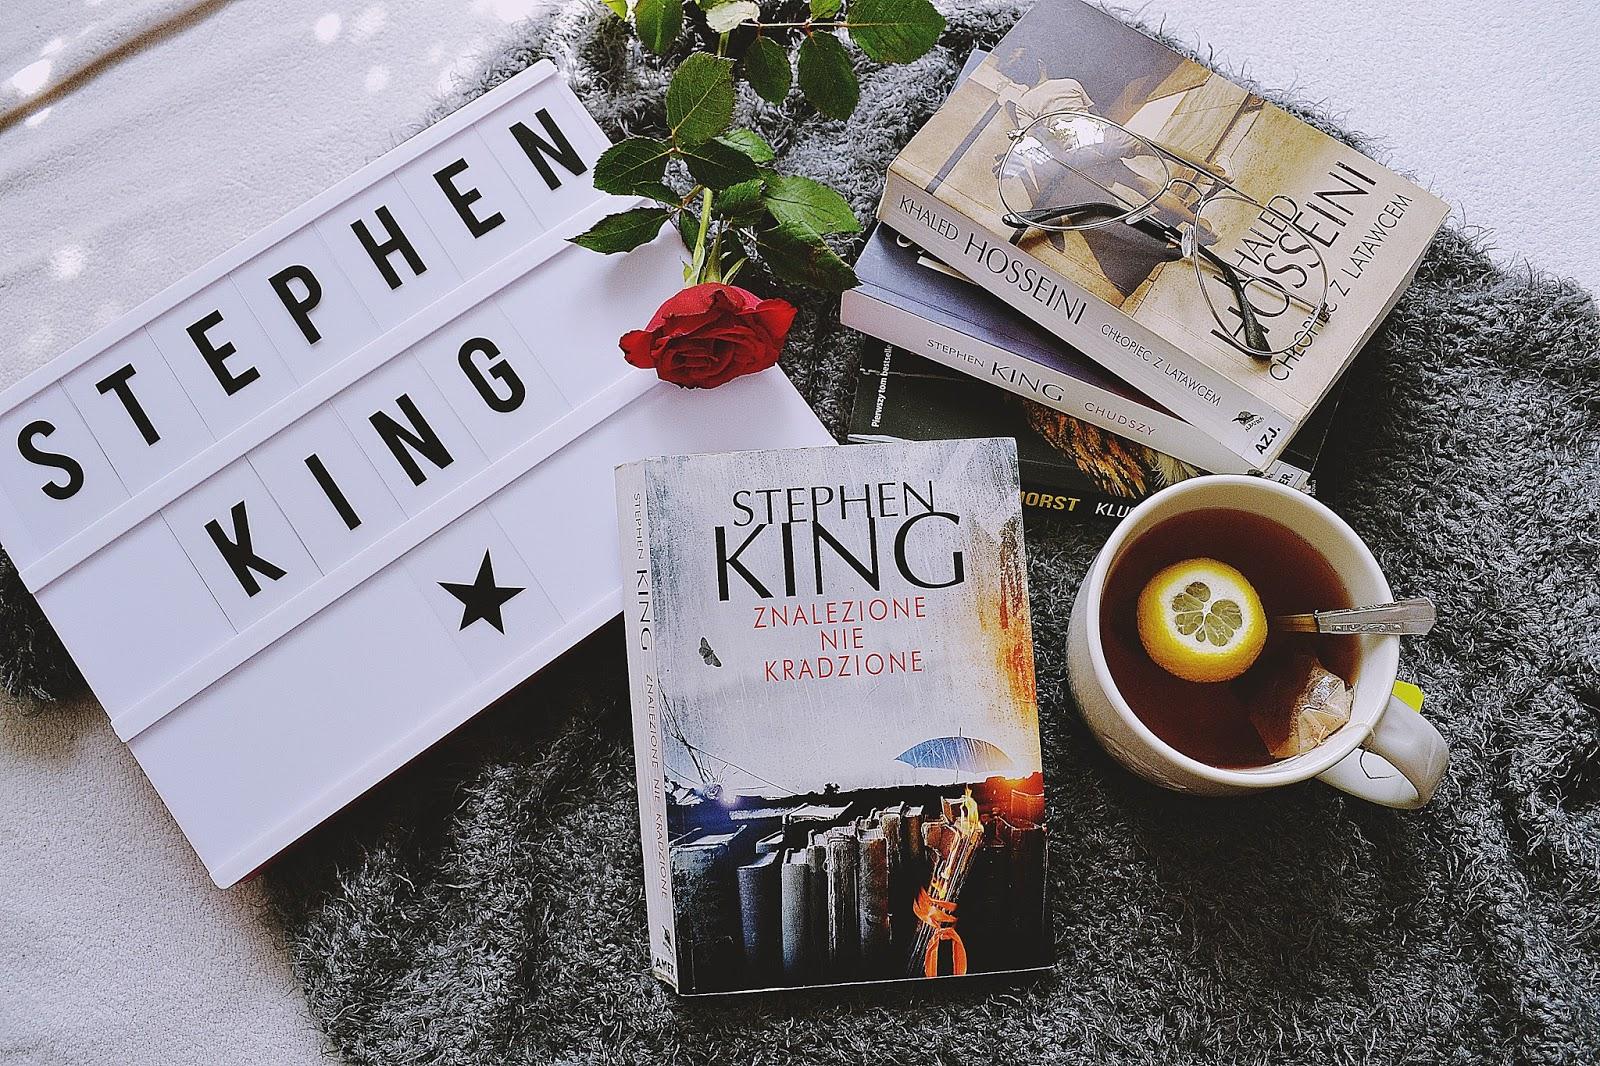 Stephen King, Znalezione nie kradzione.